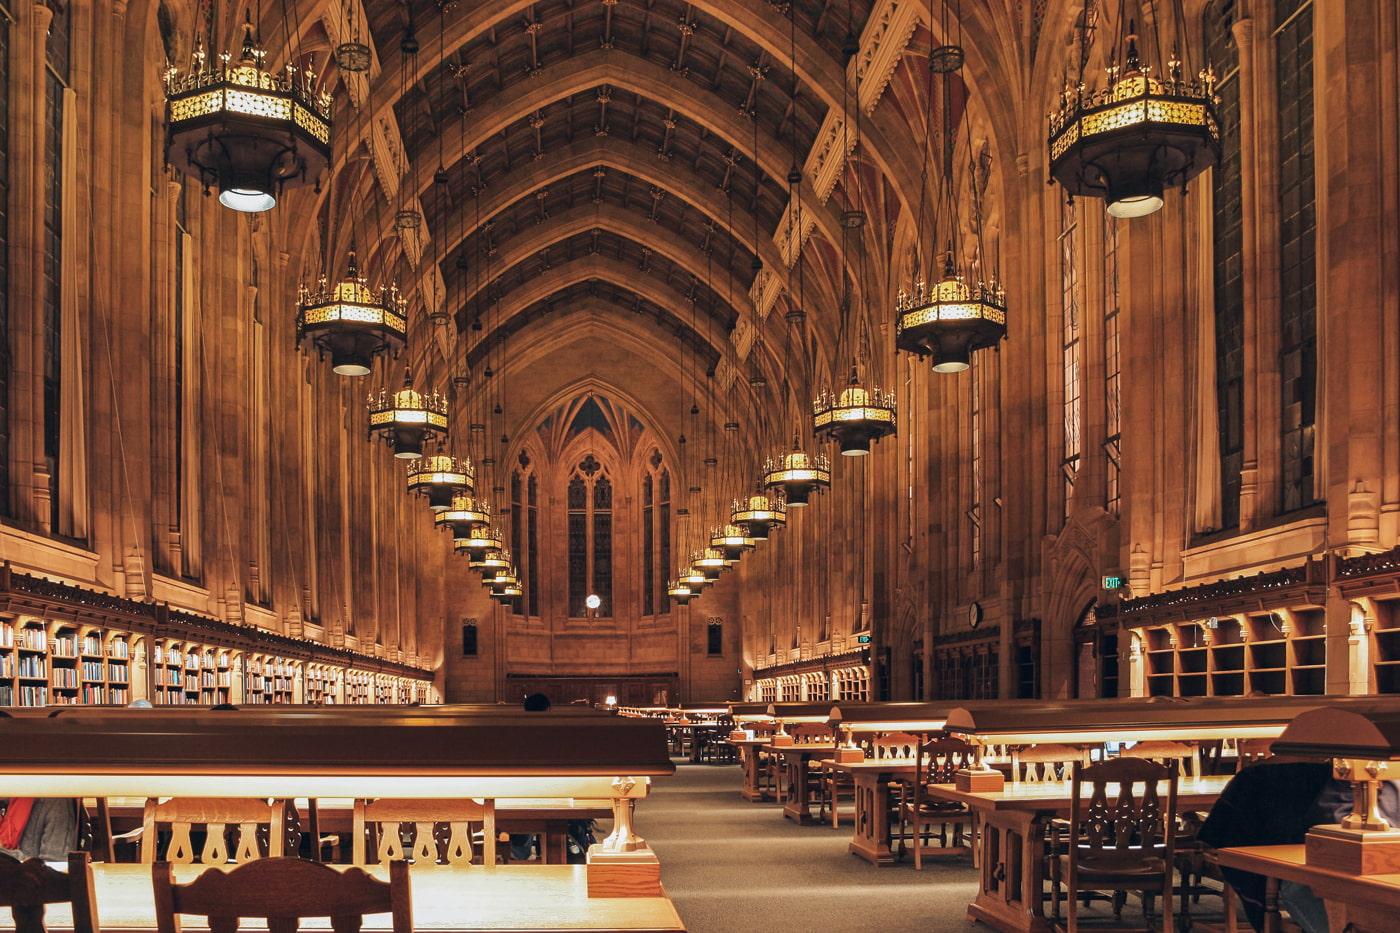 Inside Suzzallo Library